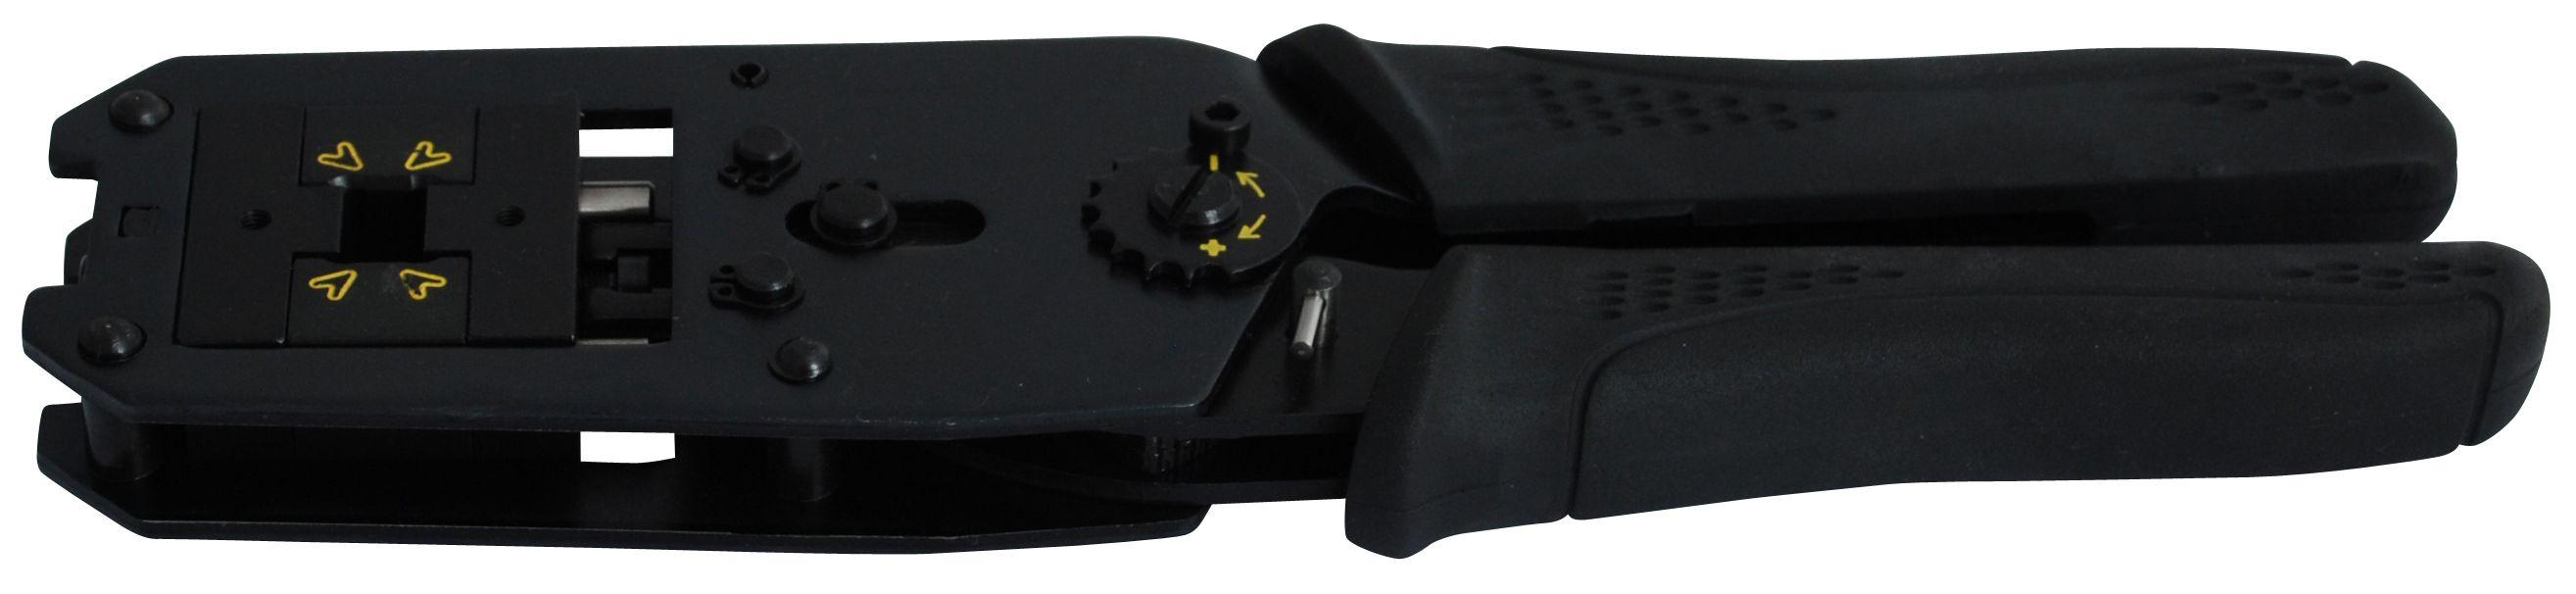 1 Stk Montagezange für Kontaktblock HSLTOOL02-